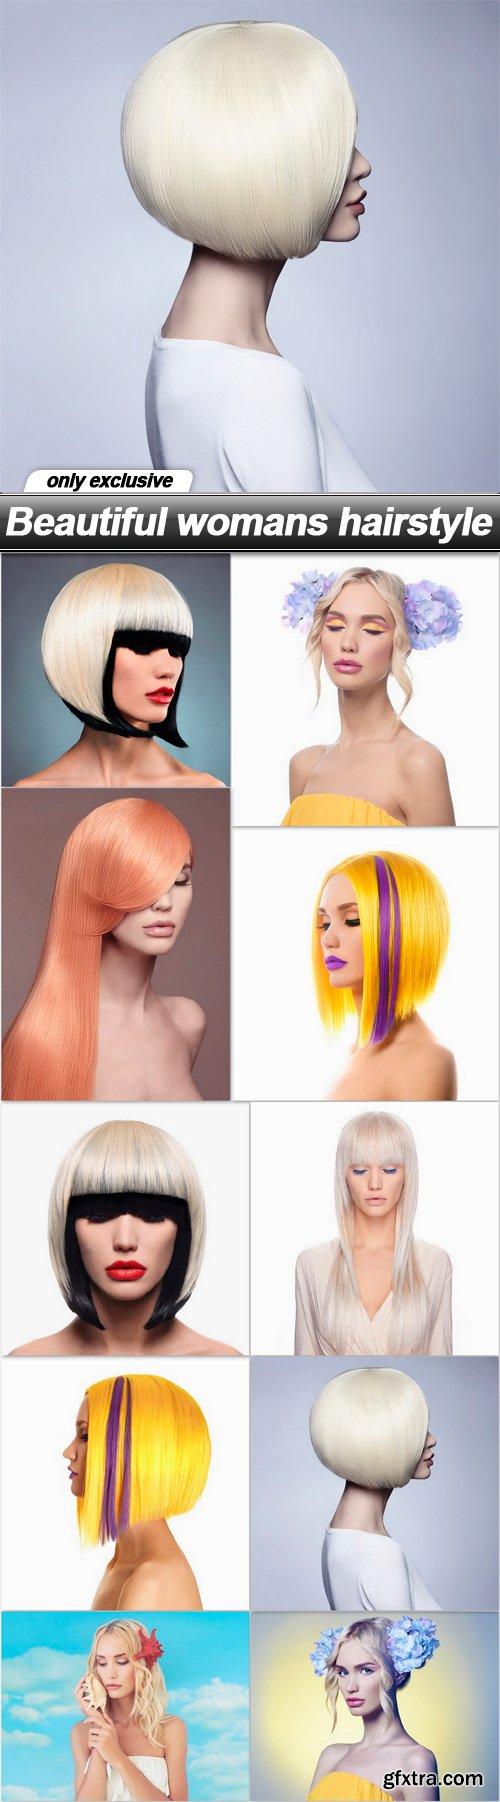 Beautiful womans hairstyle - 10 UHQ JPEG